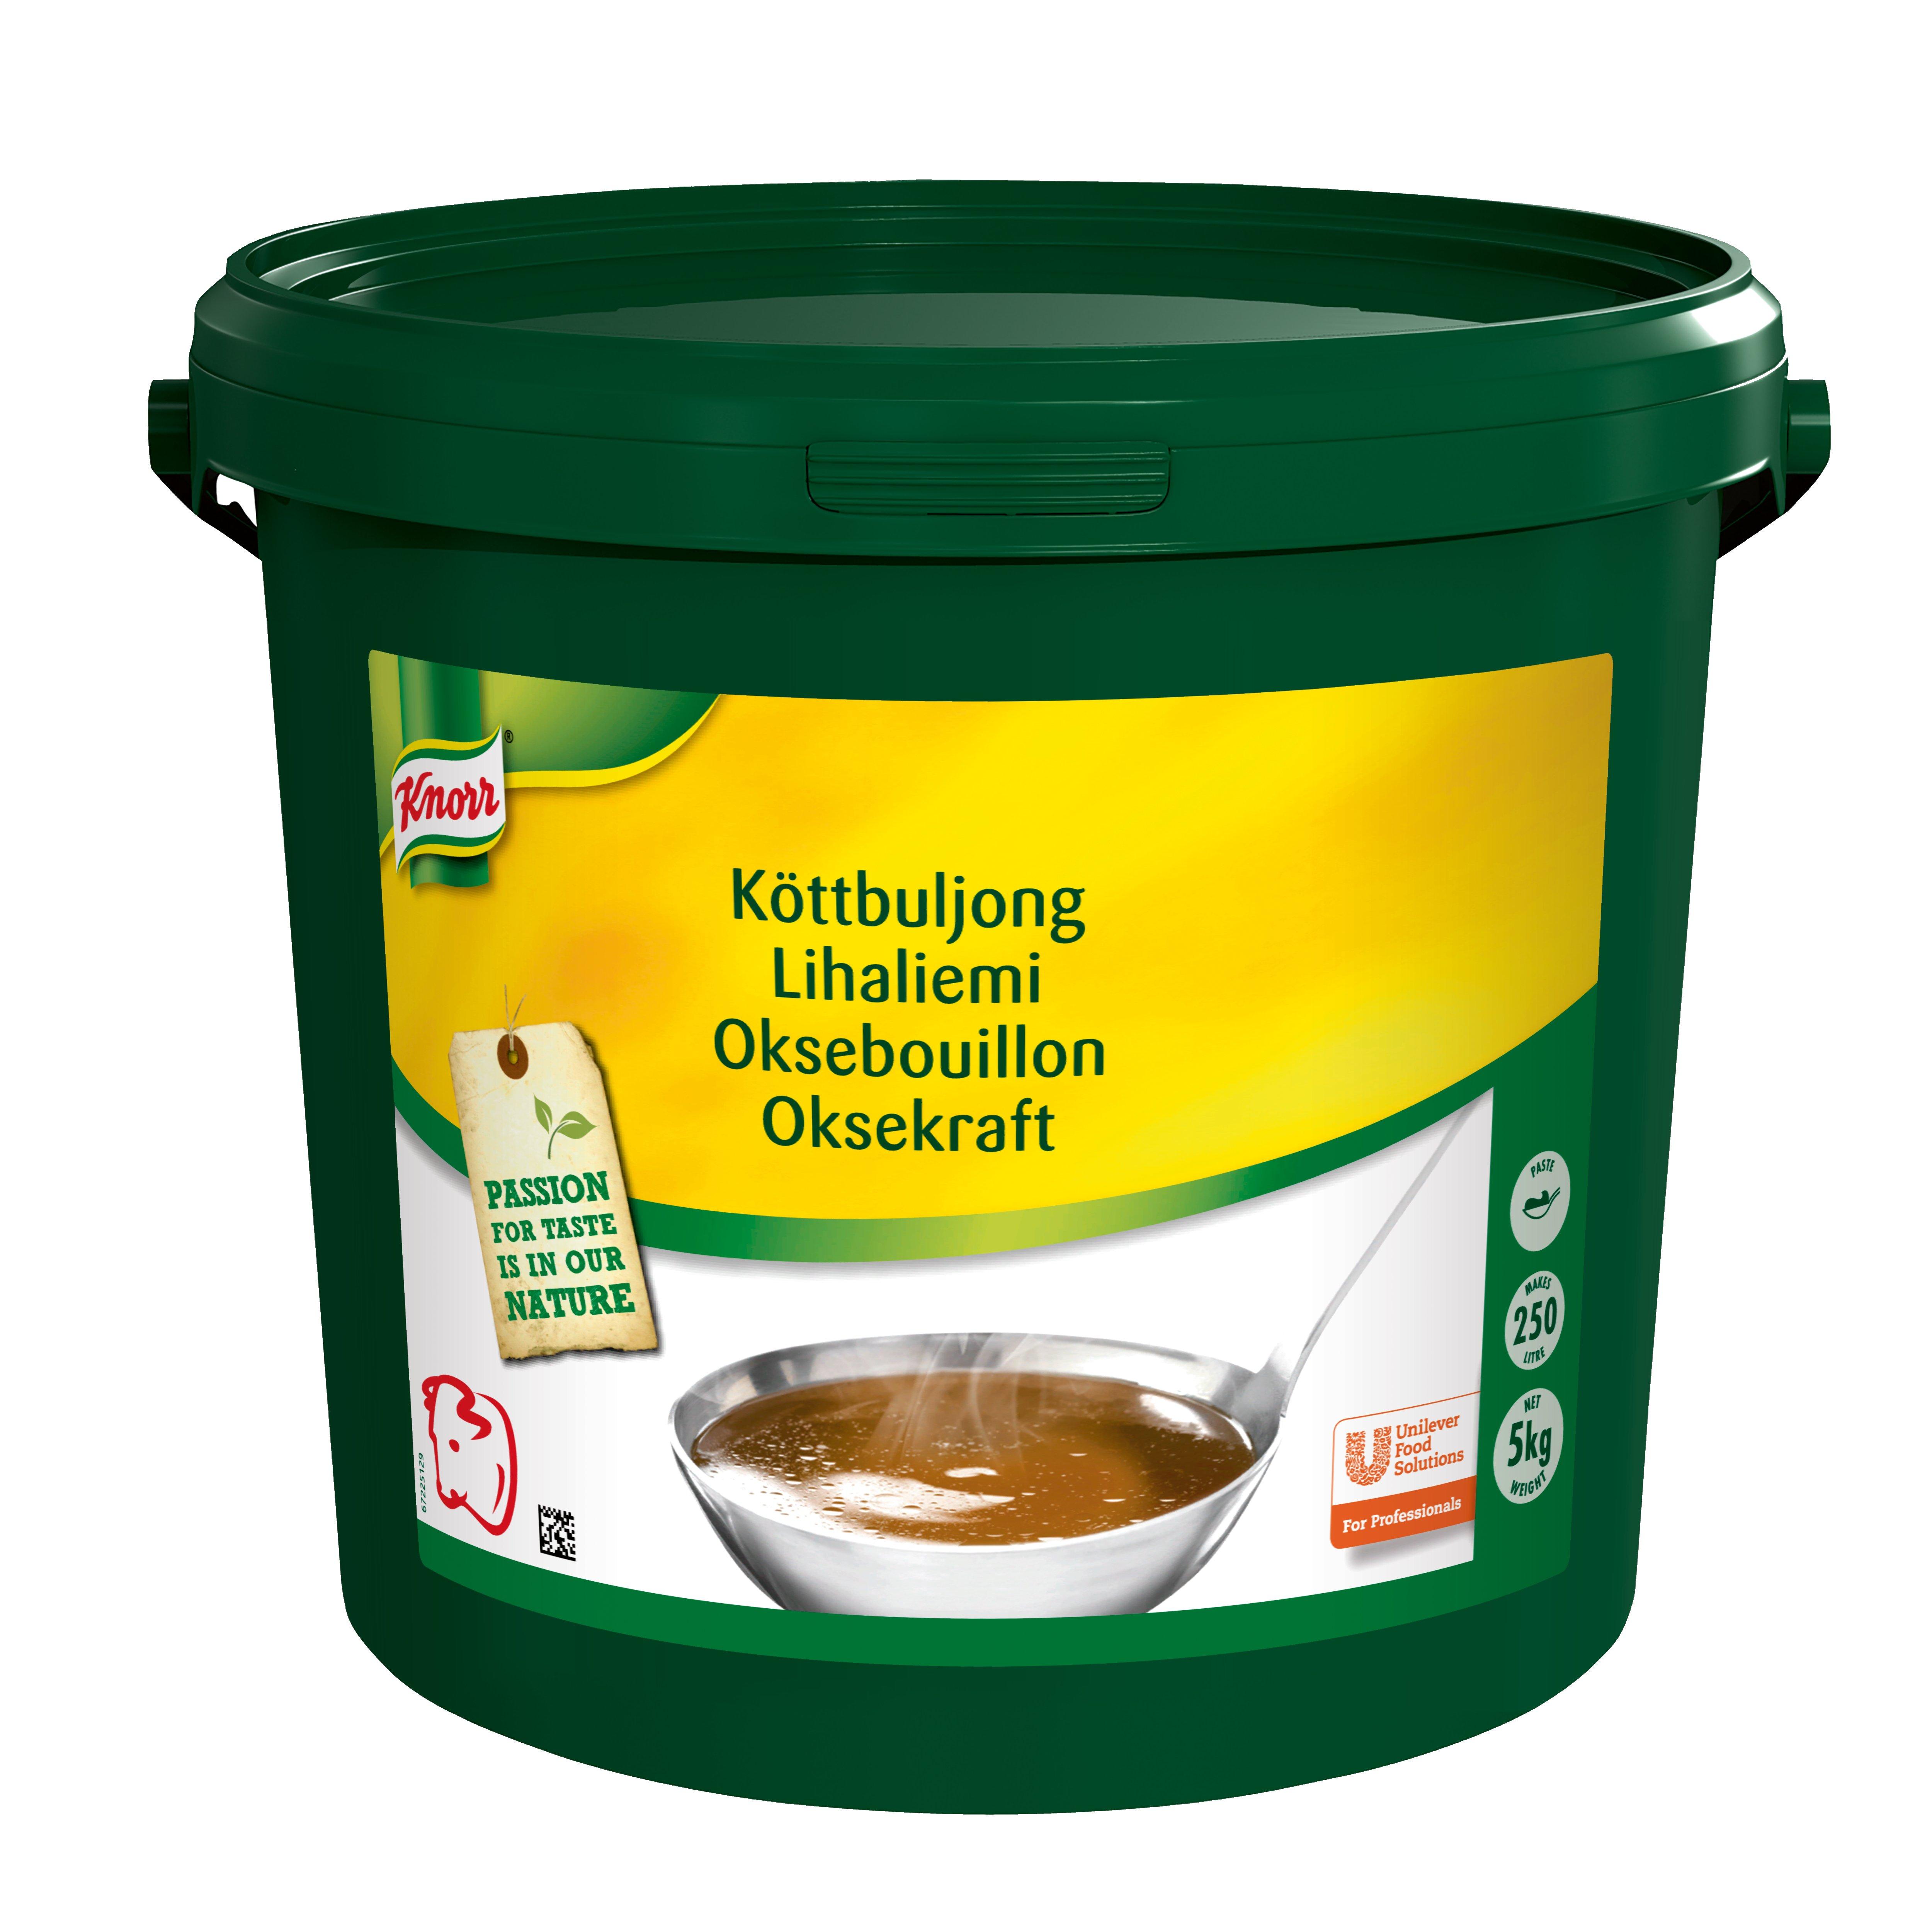 Knorr Oksebouillon, pasta, økonomi 5 kg / 250 L